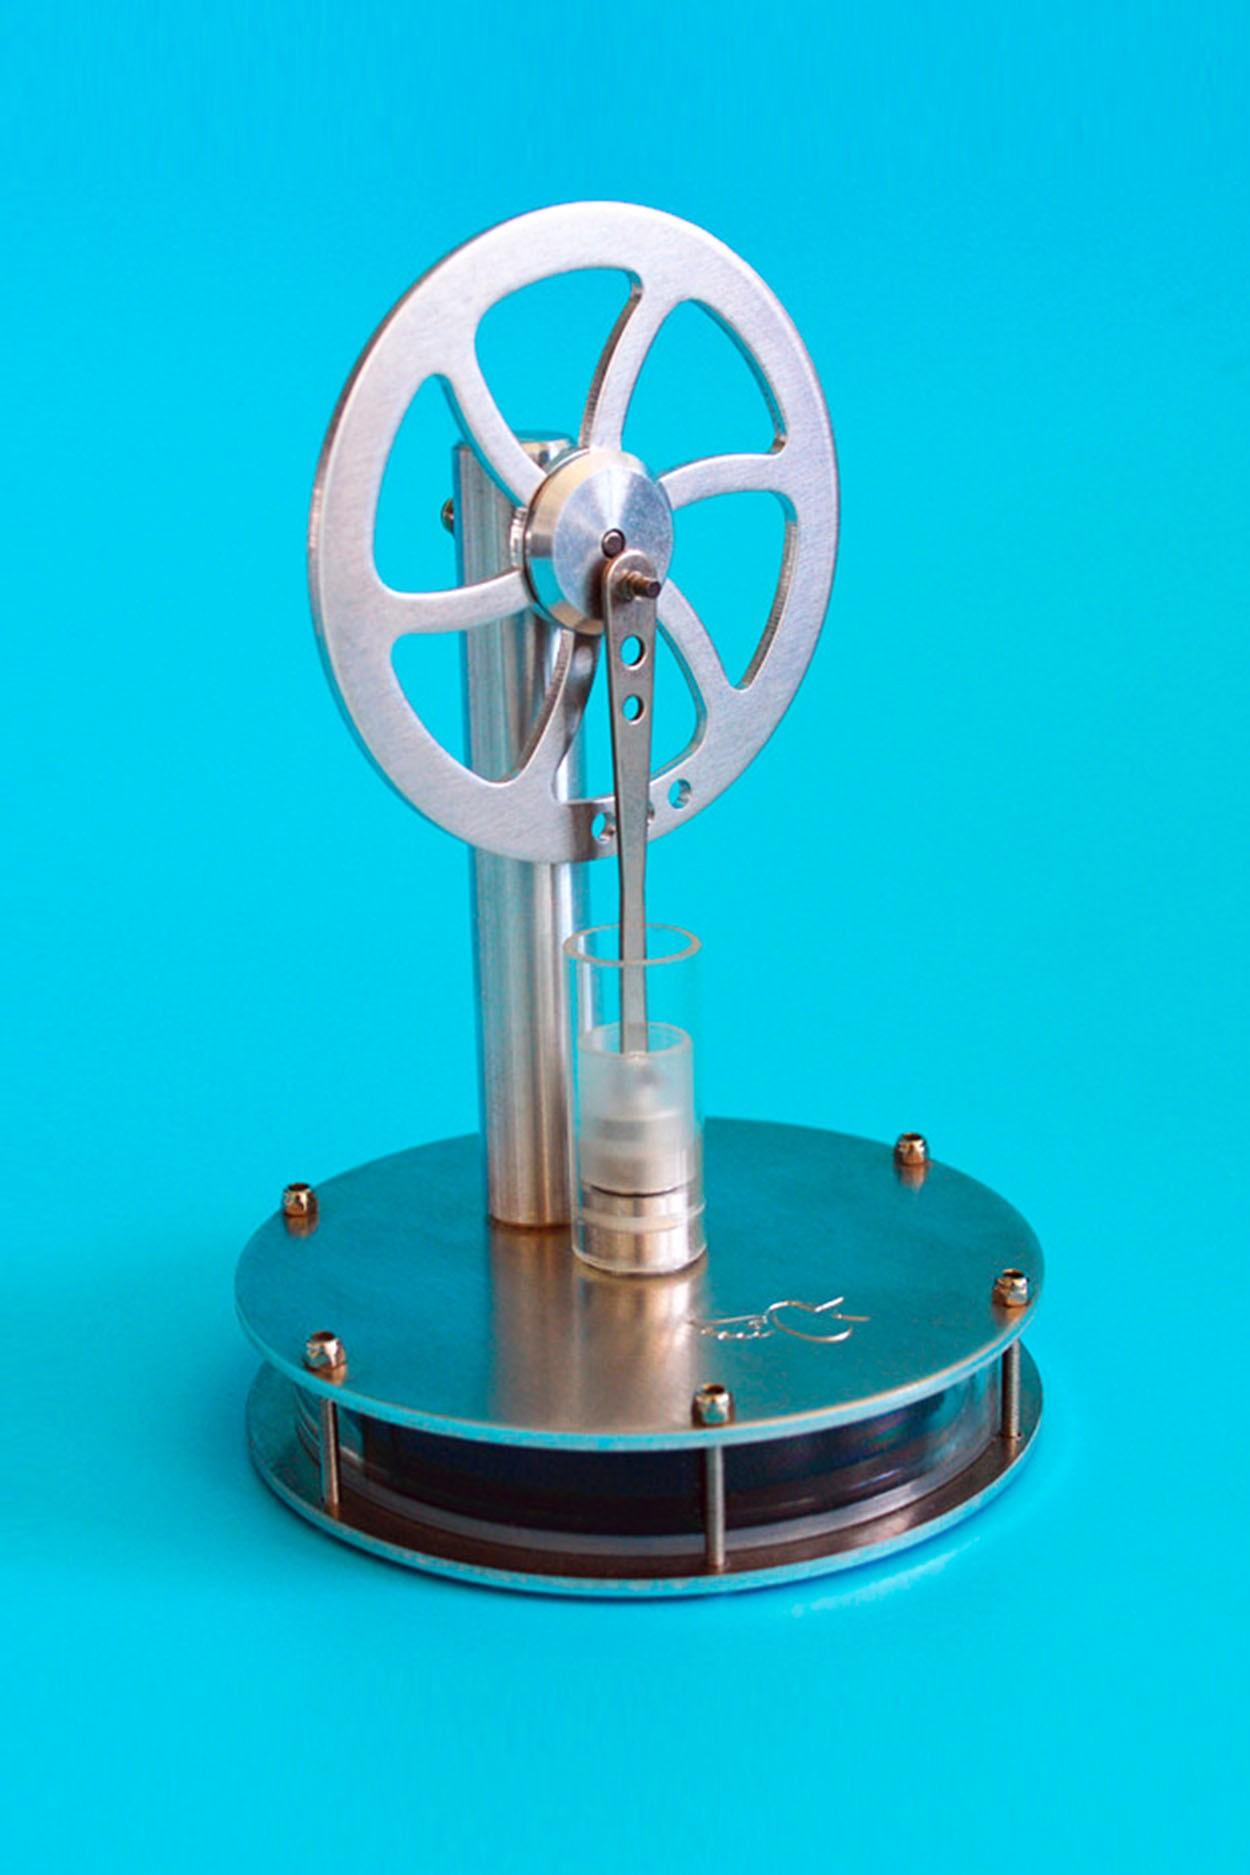 Конструктор двигателя Стирлинга на чашку